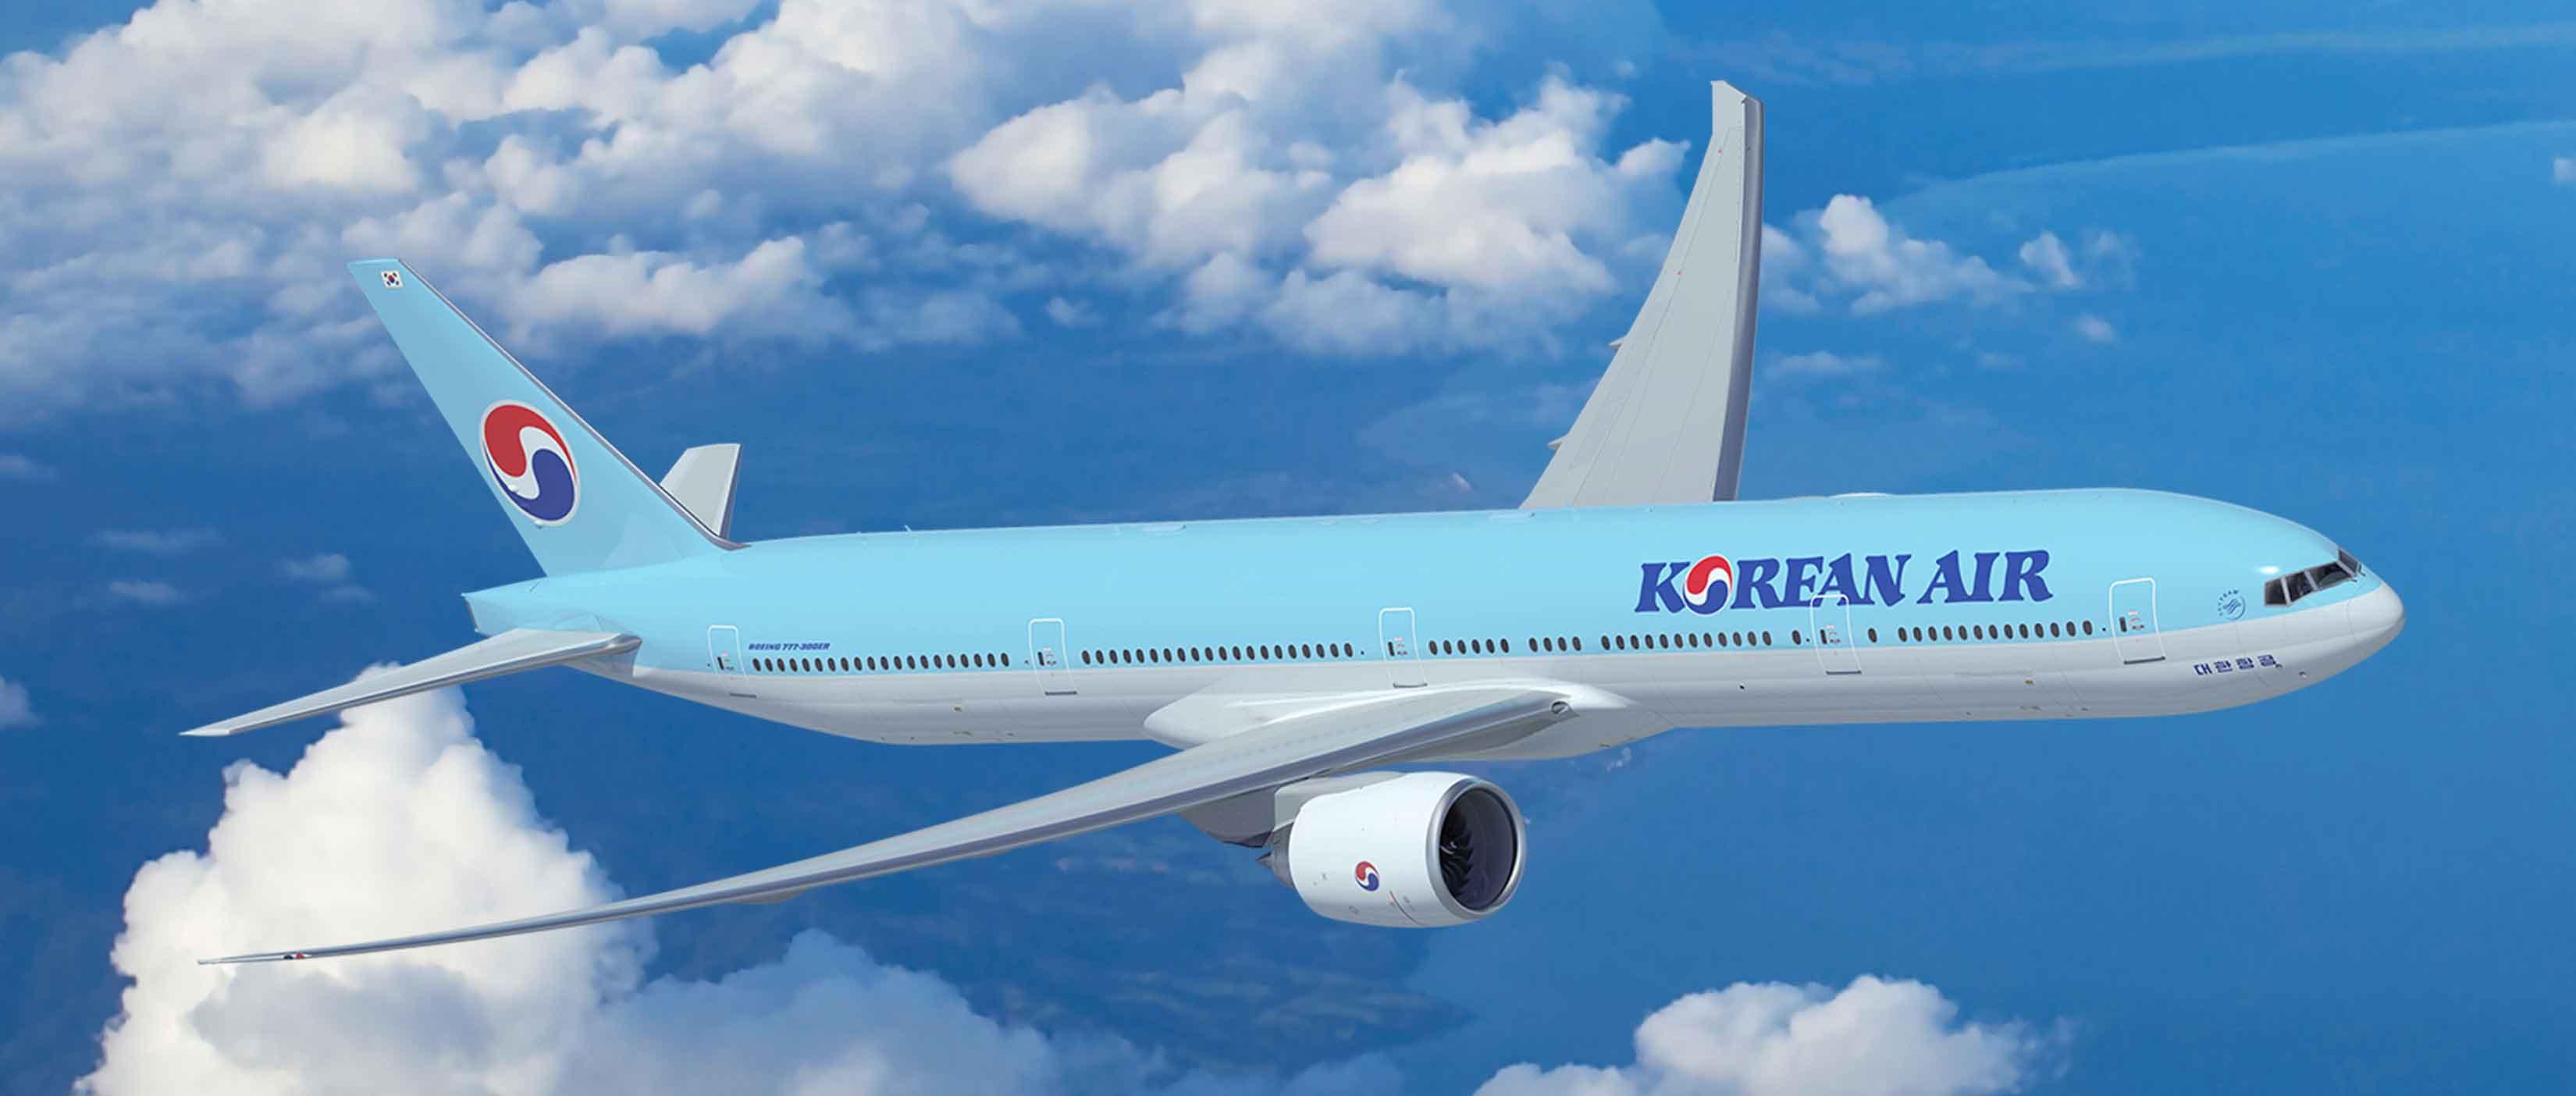 برقراری پرواز مستقیم، میان ایران و کره جنوبی بعد از ۴۰ سال